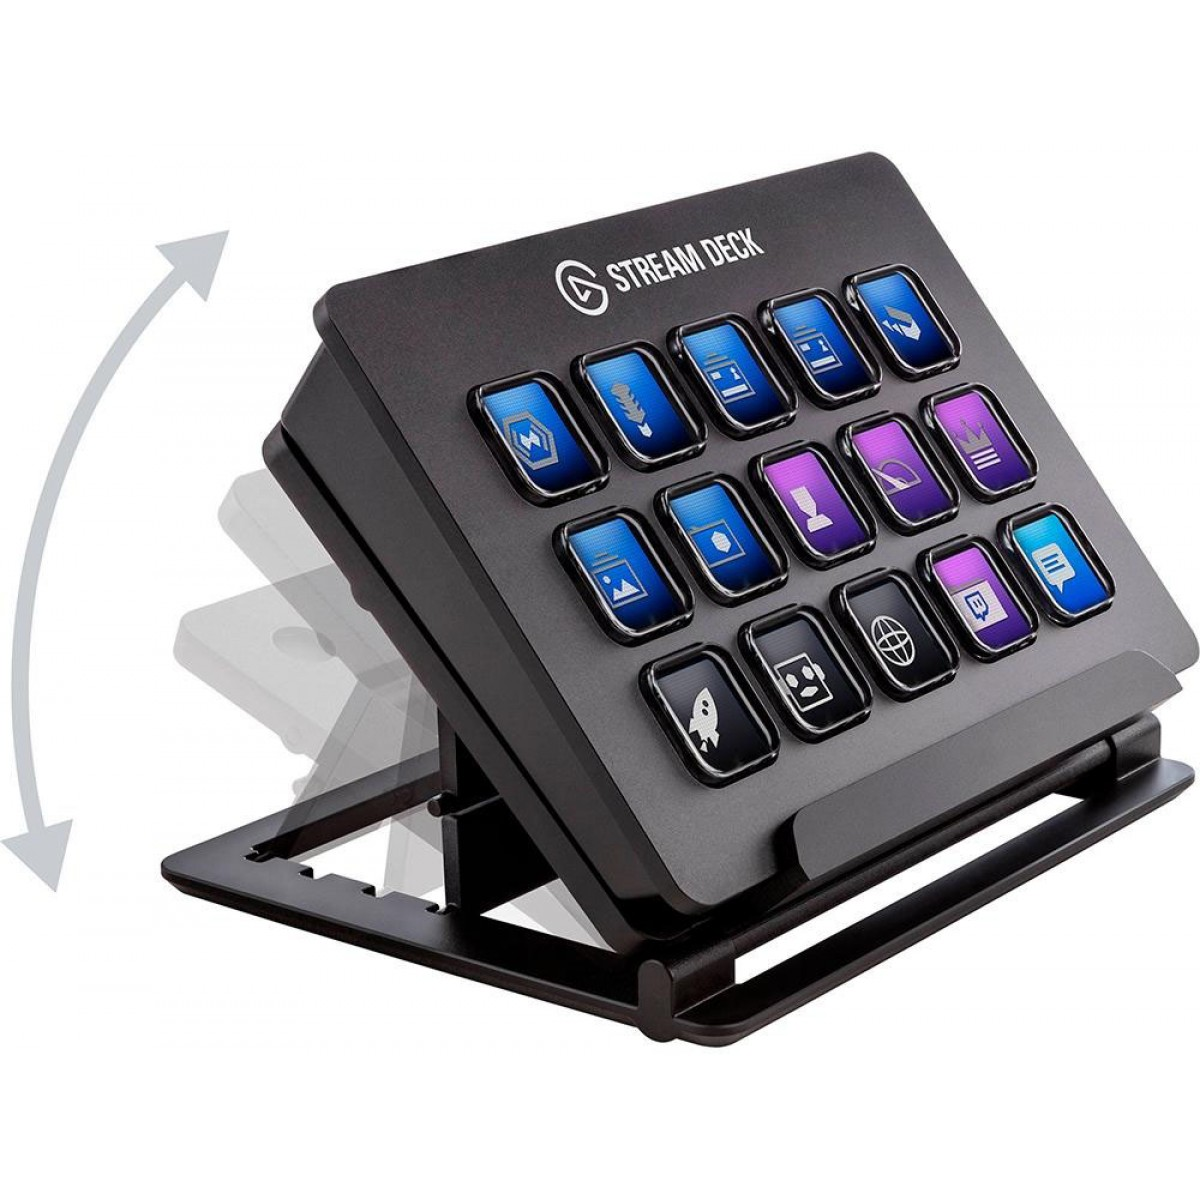 Controlador de Transmissão Stream Deck Elgato, USB Integrado, 10GAA9901